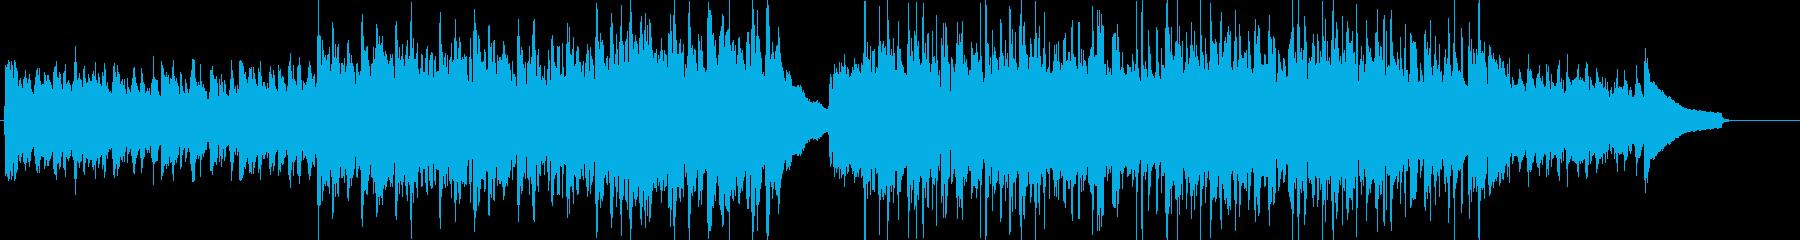 企業VPなどに適した躍動感あるBGMの再生済みの波形